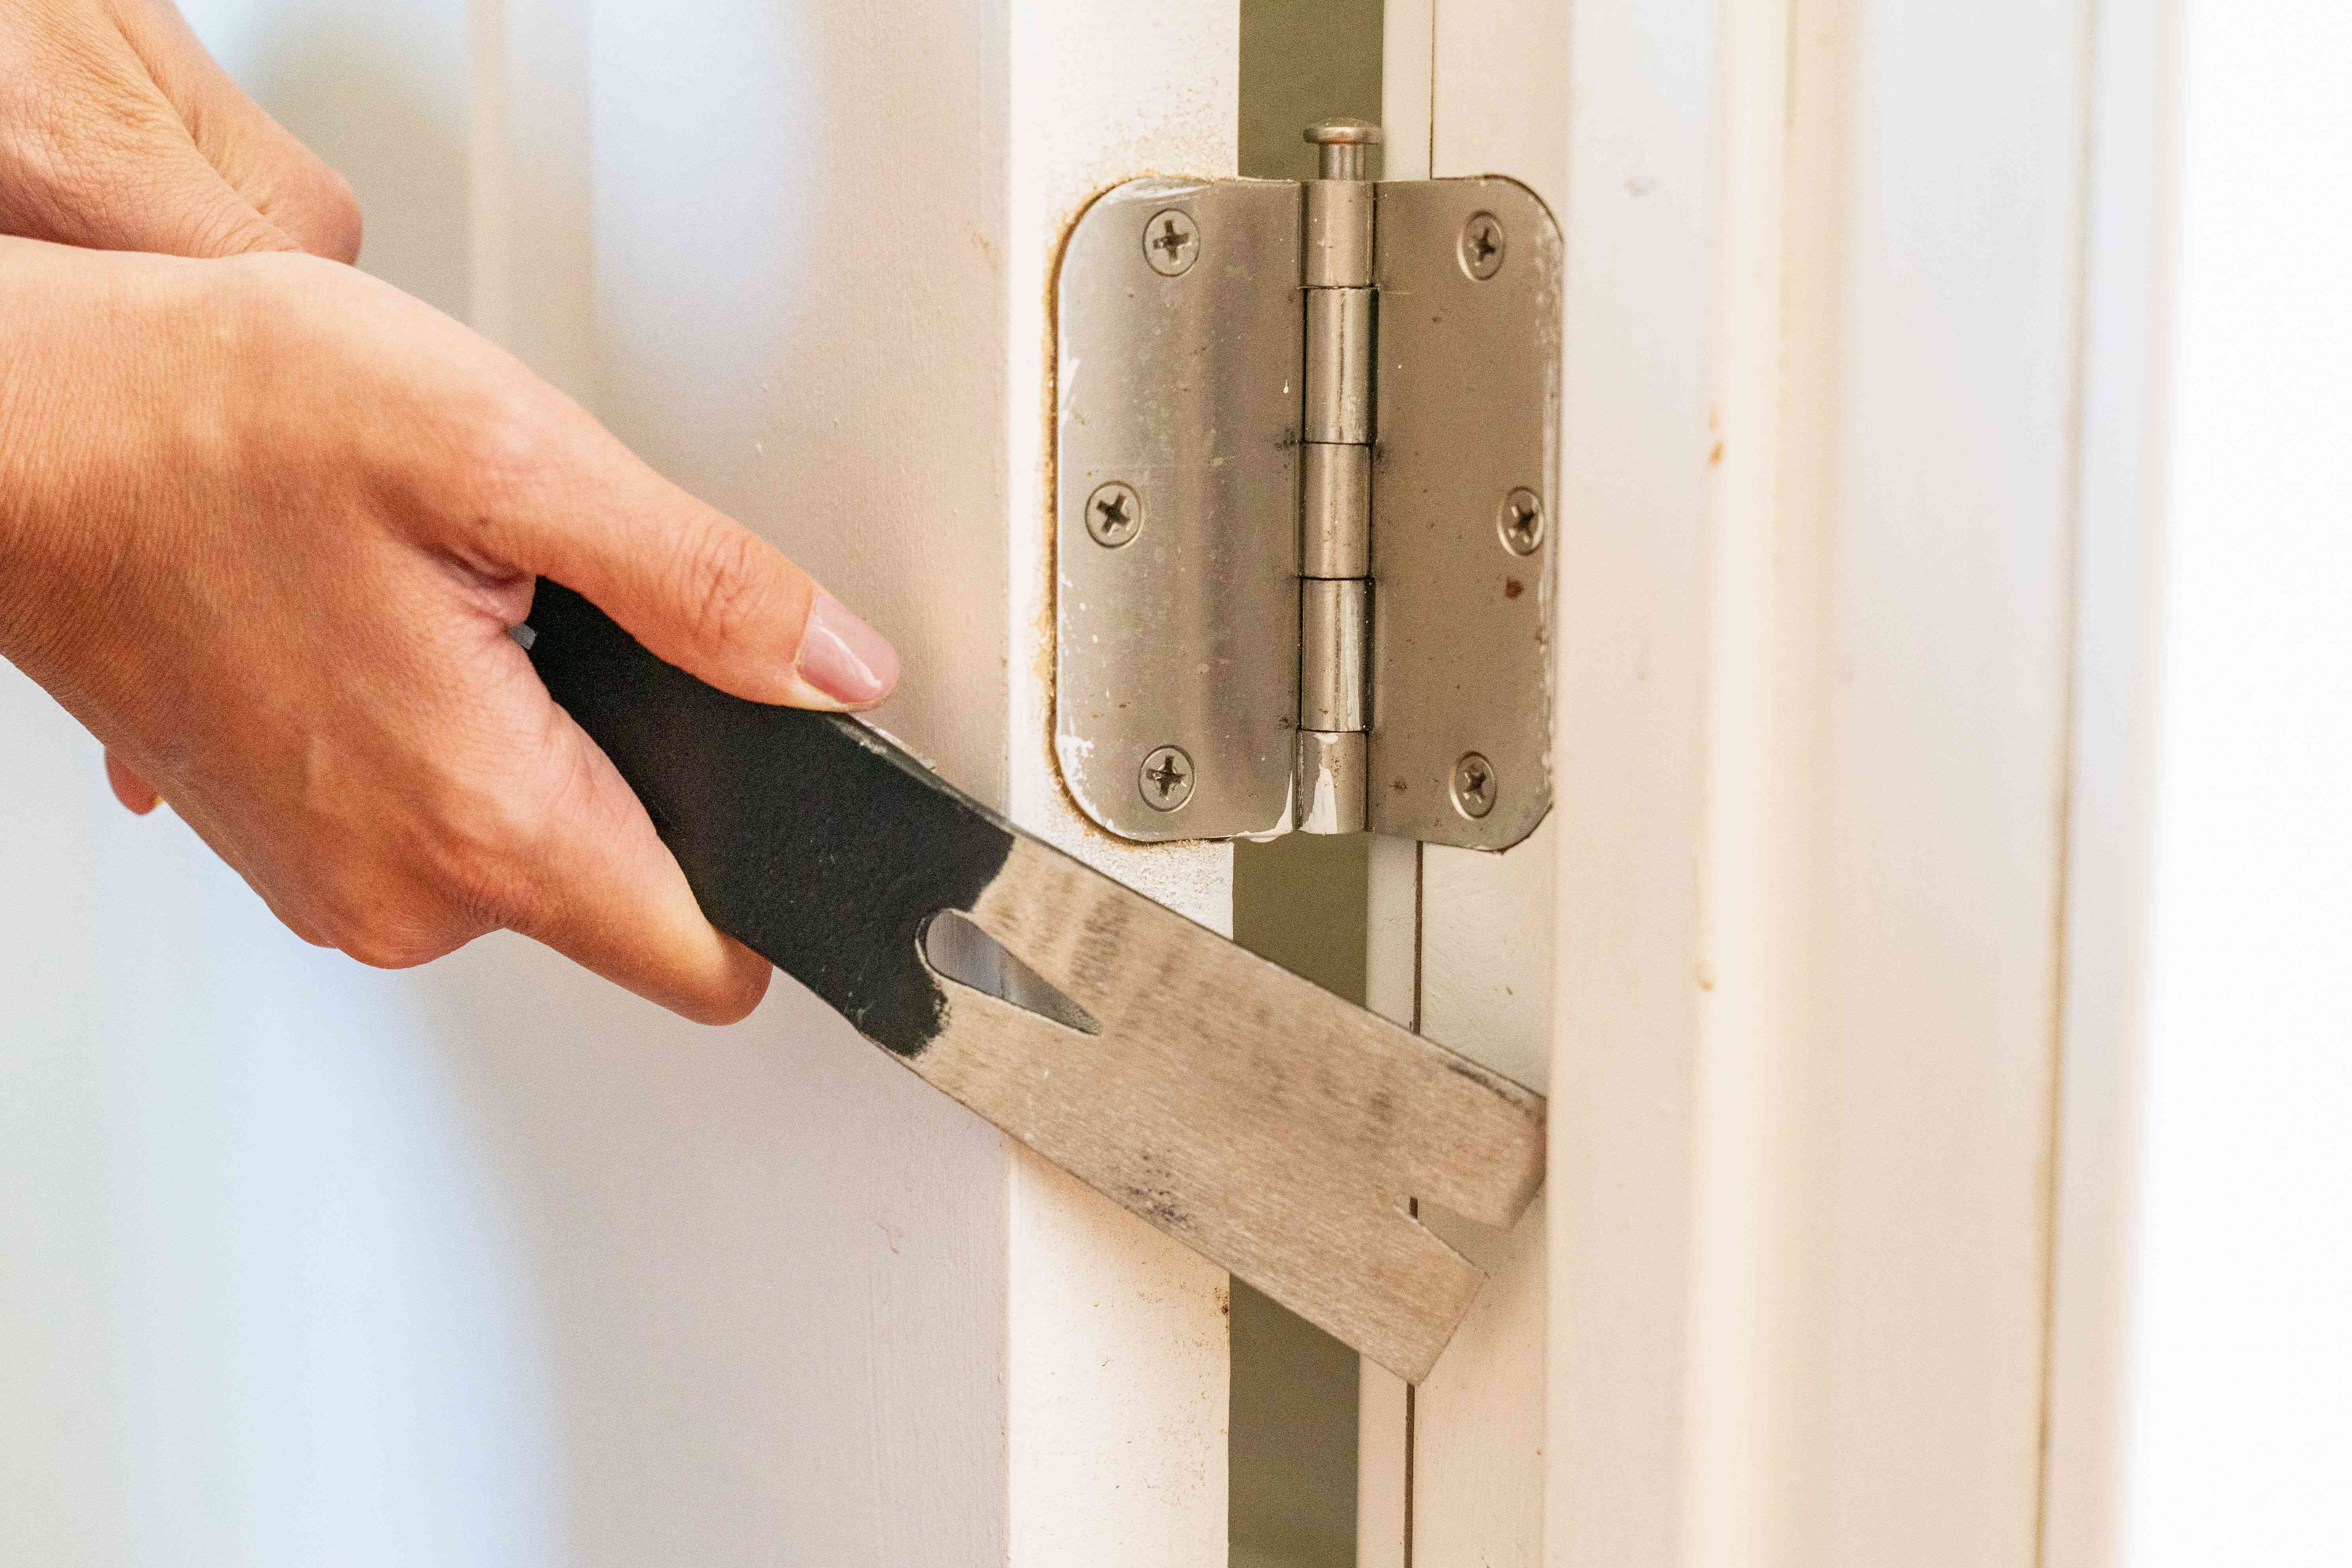 Door jamb adjusted with thin pry bar to fix door that sticks